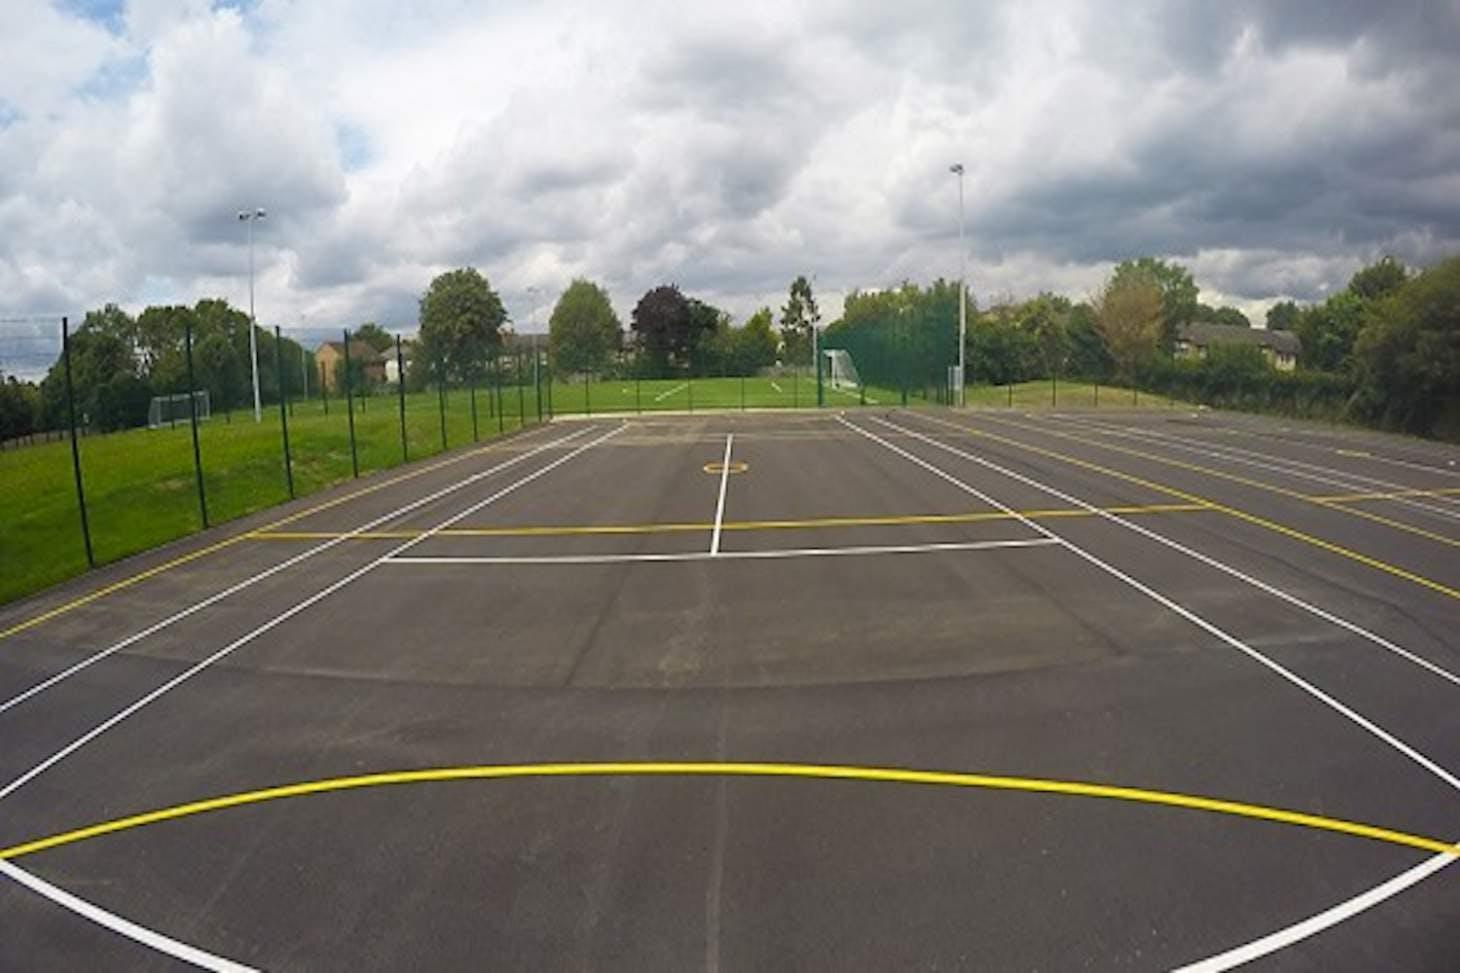 Archer Academy Court | Hard (macadam) netball court